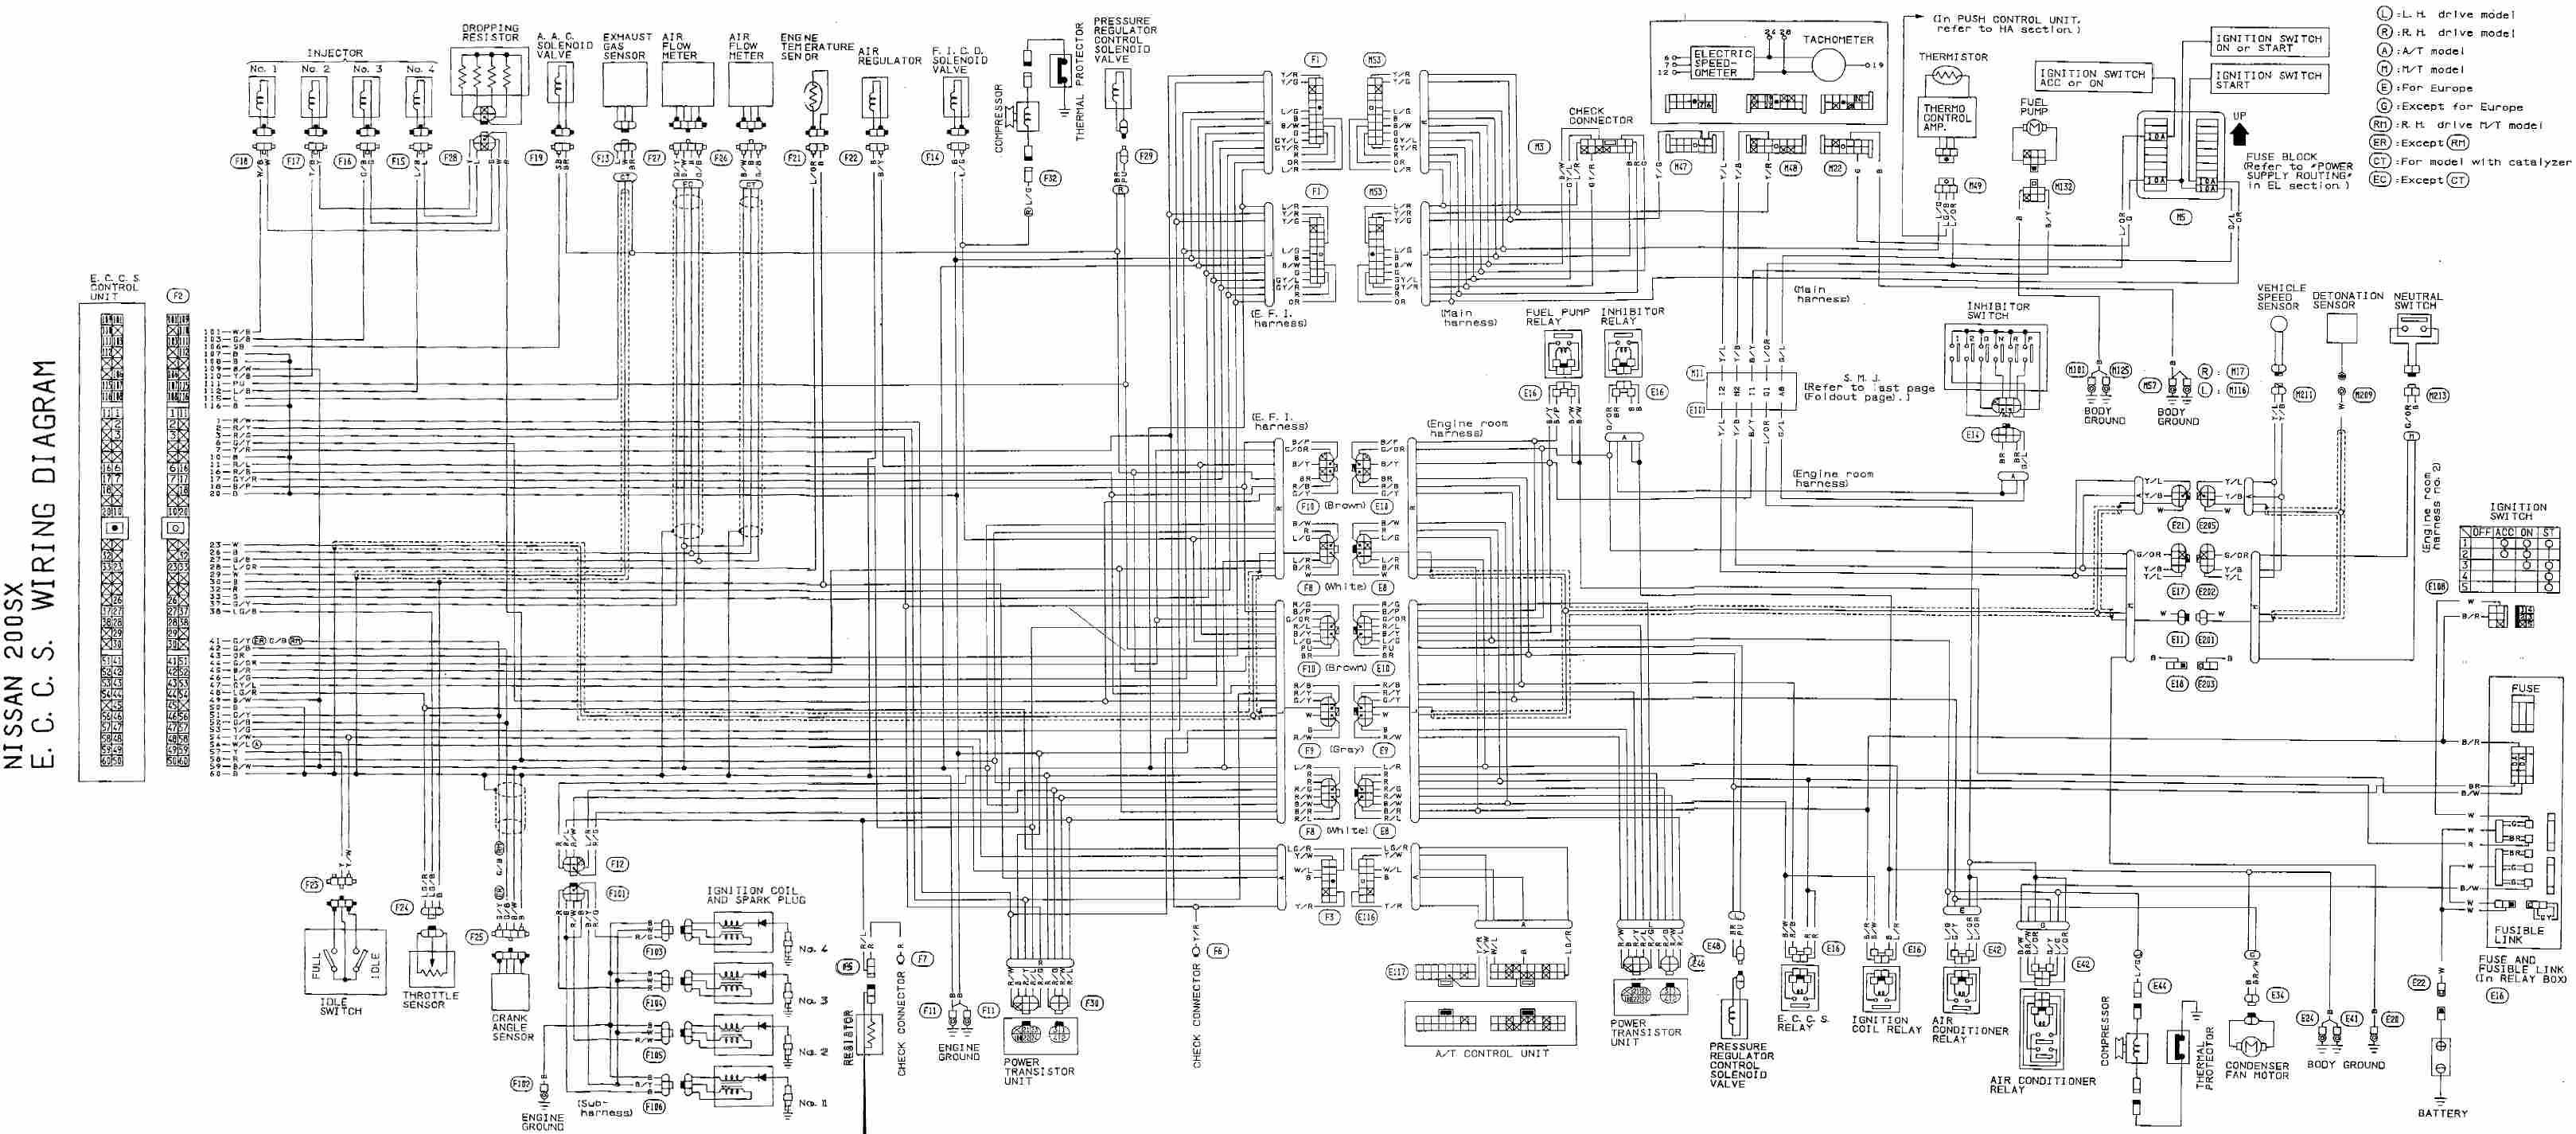 Nissan S14 Wiring Diagram Efcaviation Com